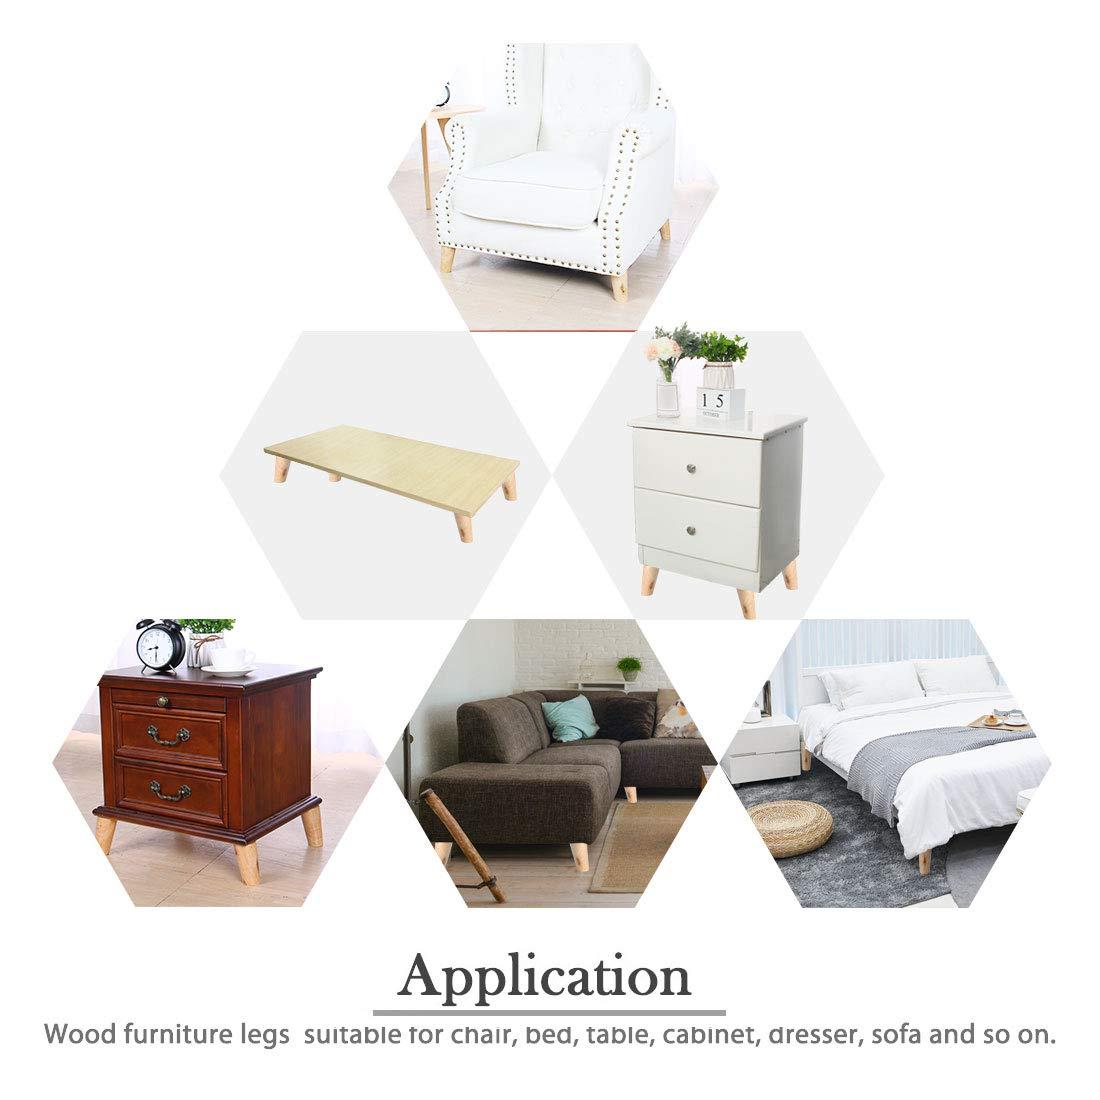 bancos Patas de madera maciza para muebles muebles escritorios ajustadores de repuesto sof/ás Sourcingmap sillas armarios